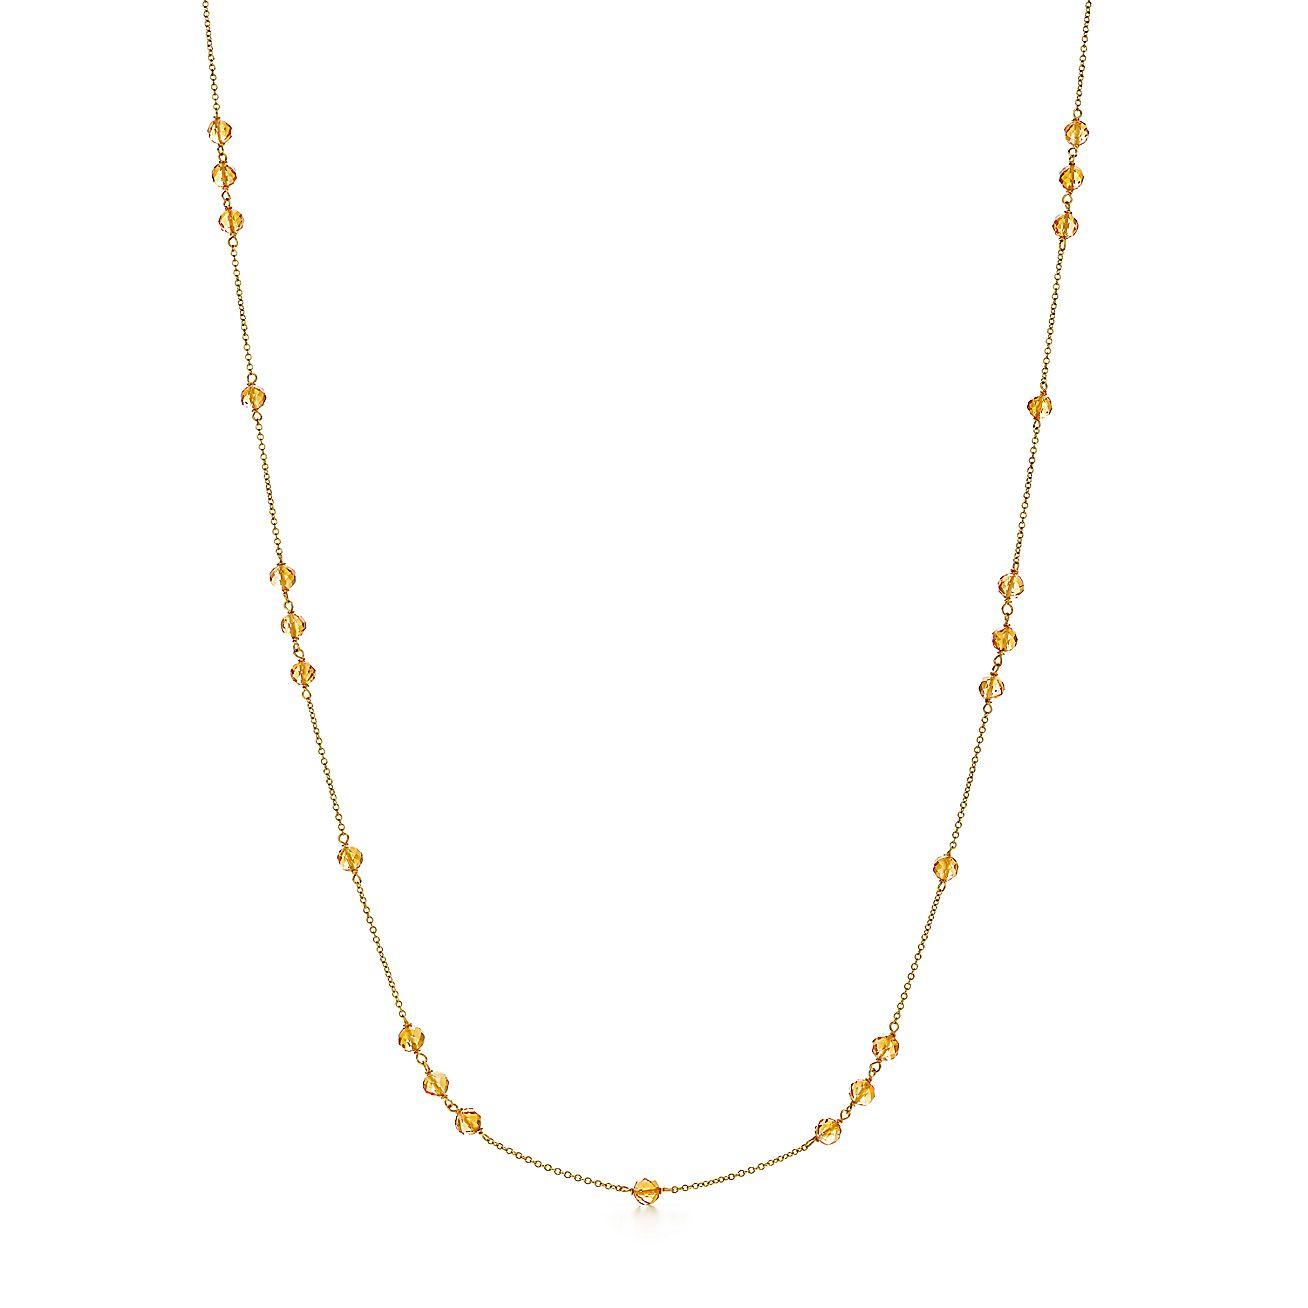 Tiffany Garden necklace